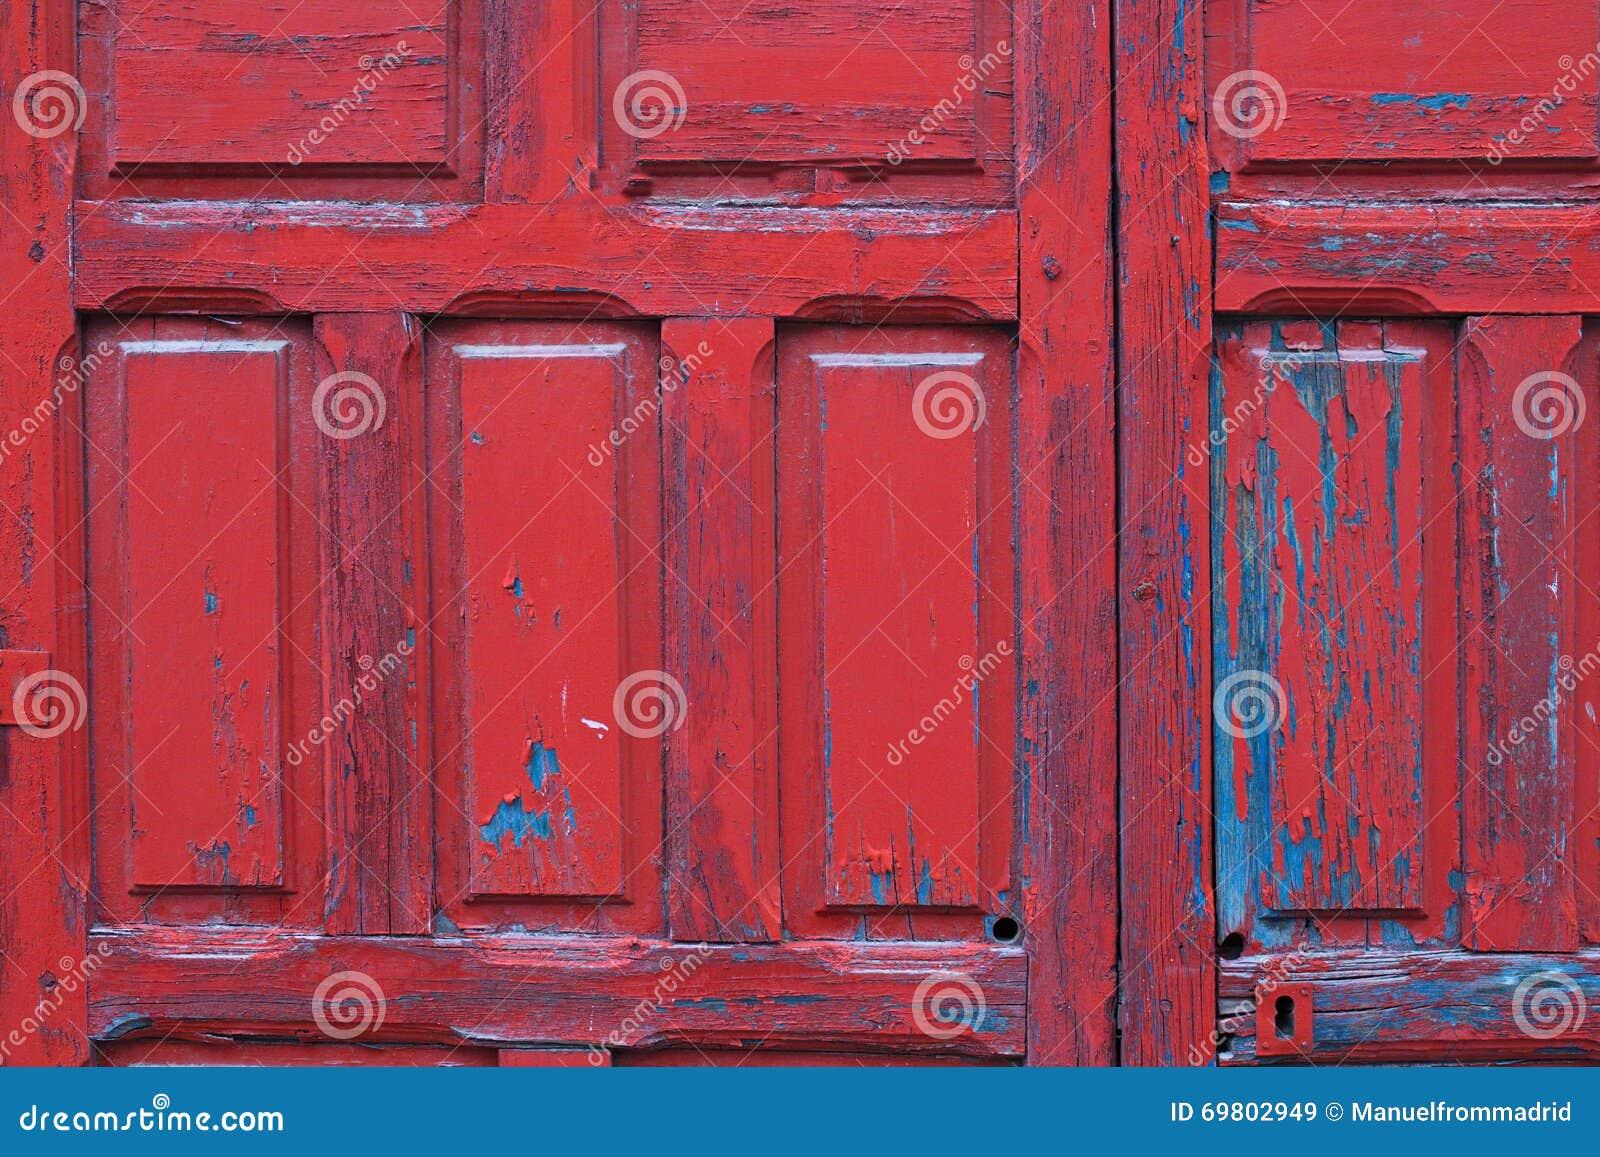 Rot Gemalter Holztürrahmen-Detailhintergrund Stockbild - Bild von ...